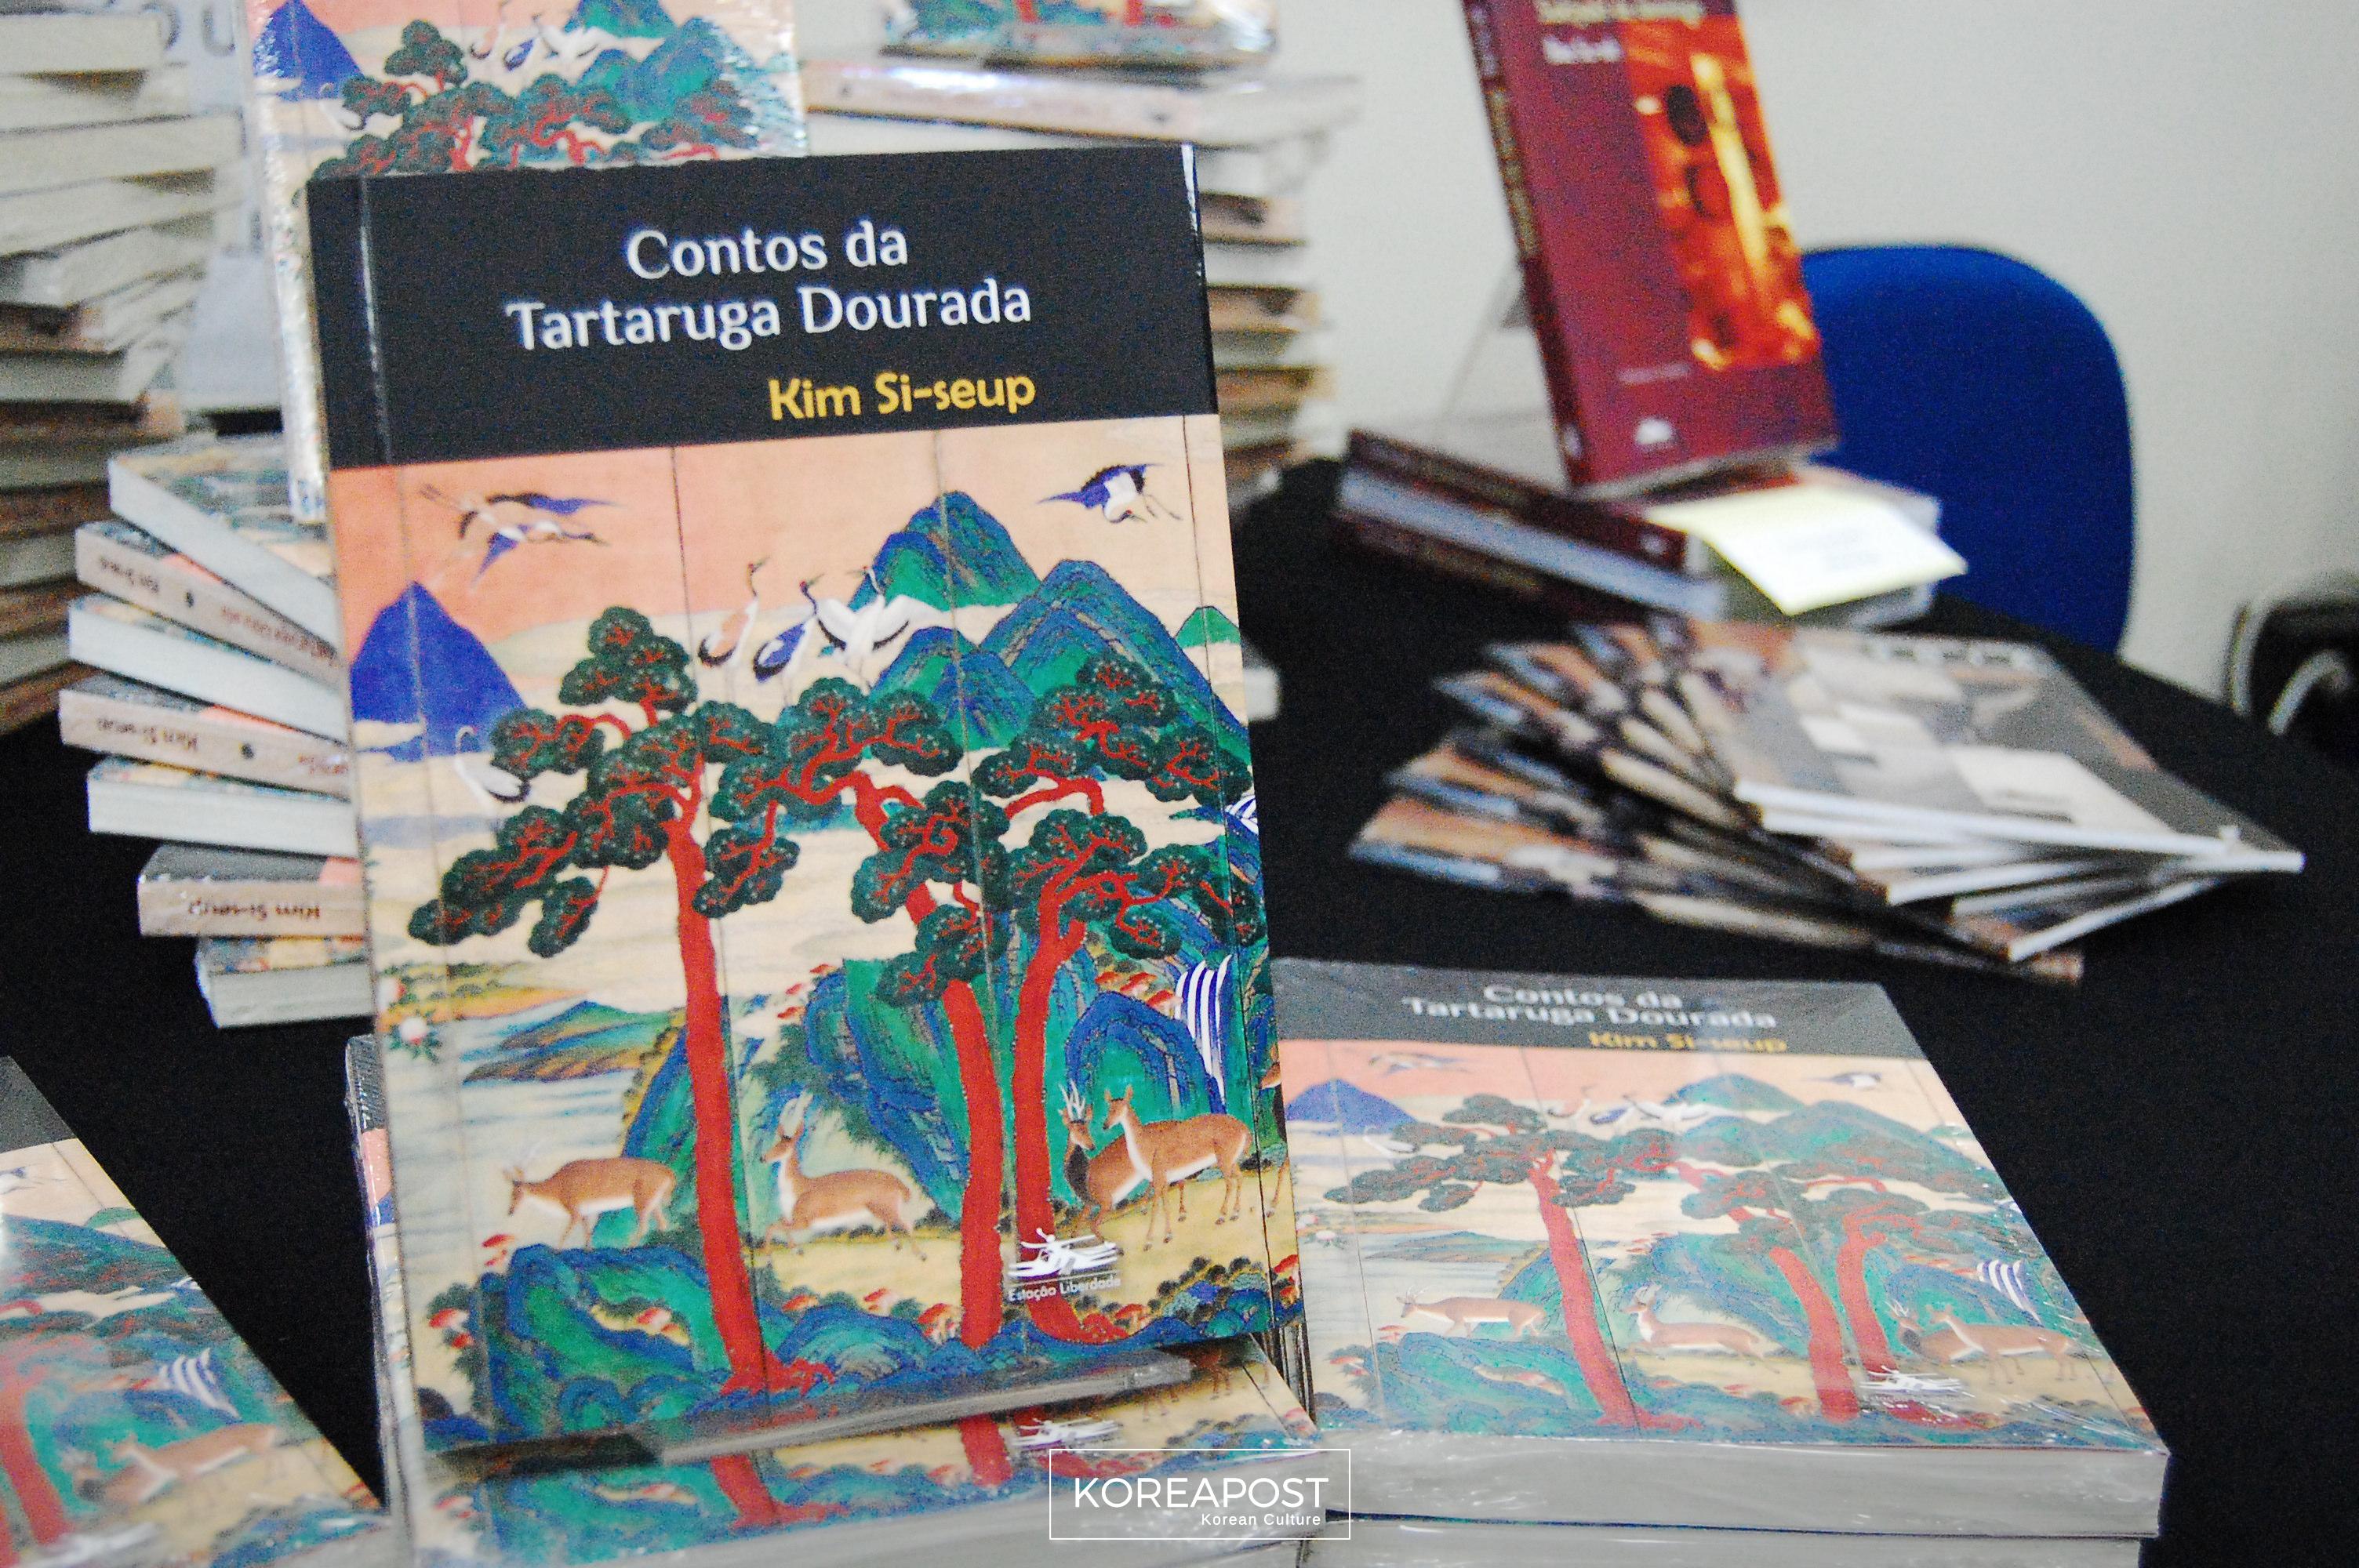 """O livro """"Contos da Tartaruga Dourada"""" também estava disponível para manuseio e compra no Simpósio, dia 08 de junho. Foto: Koreapost."""